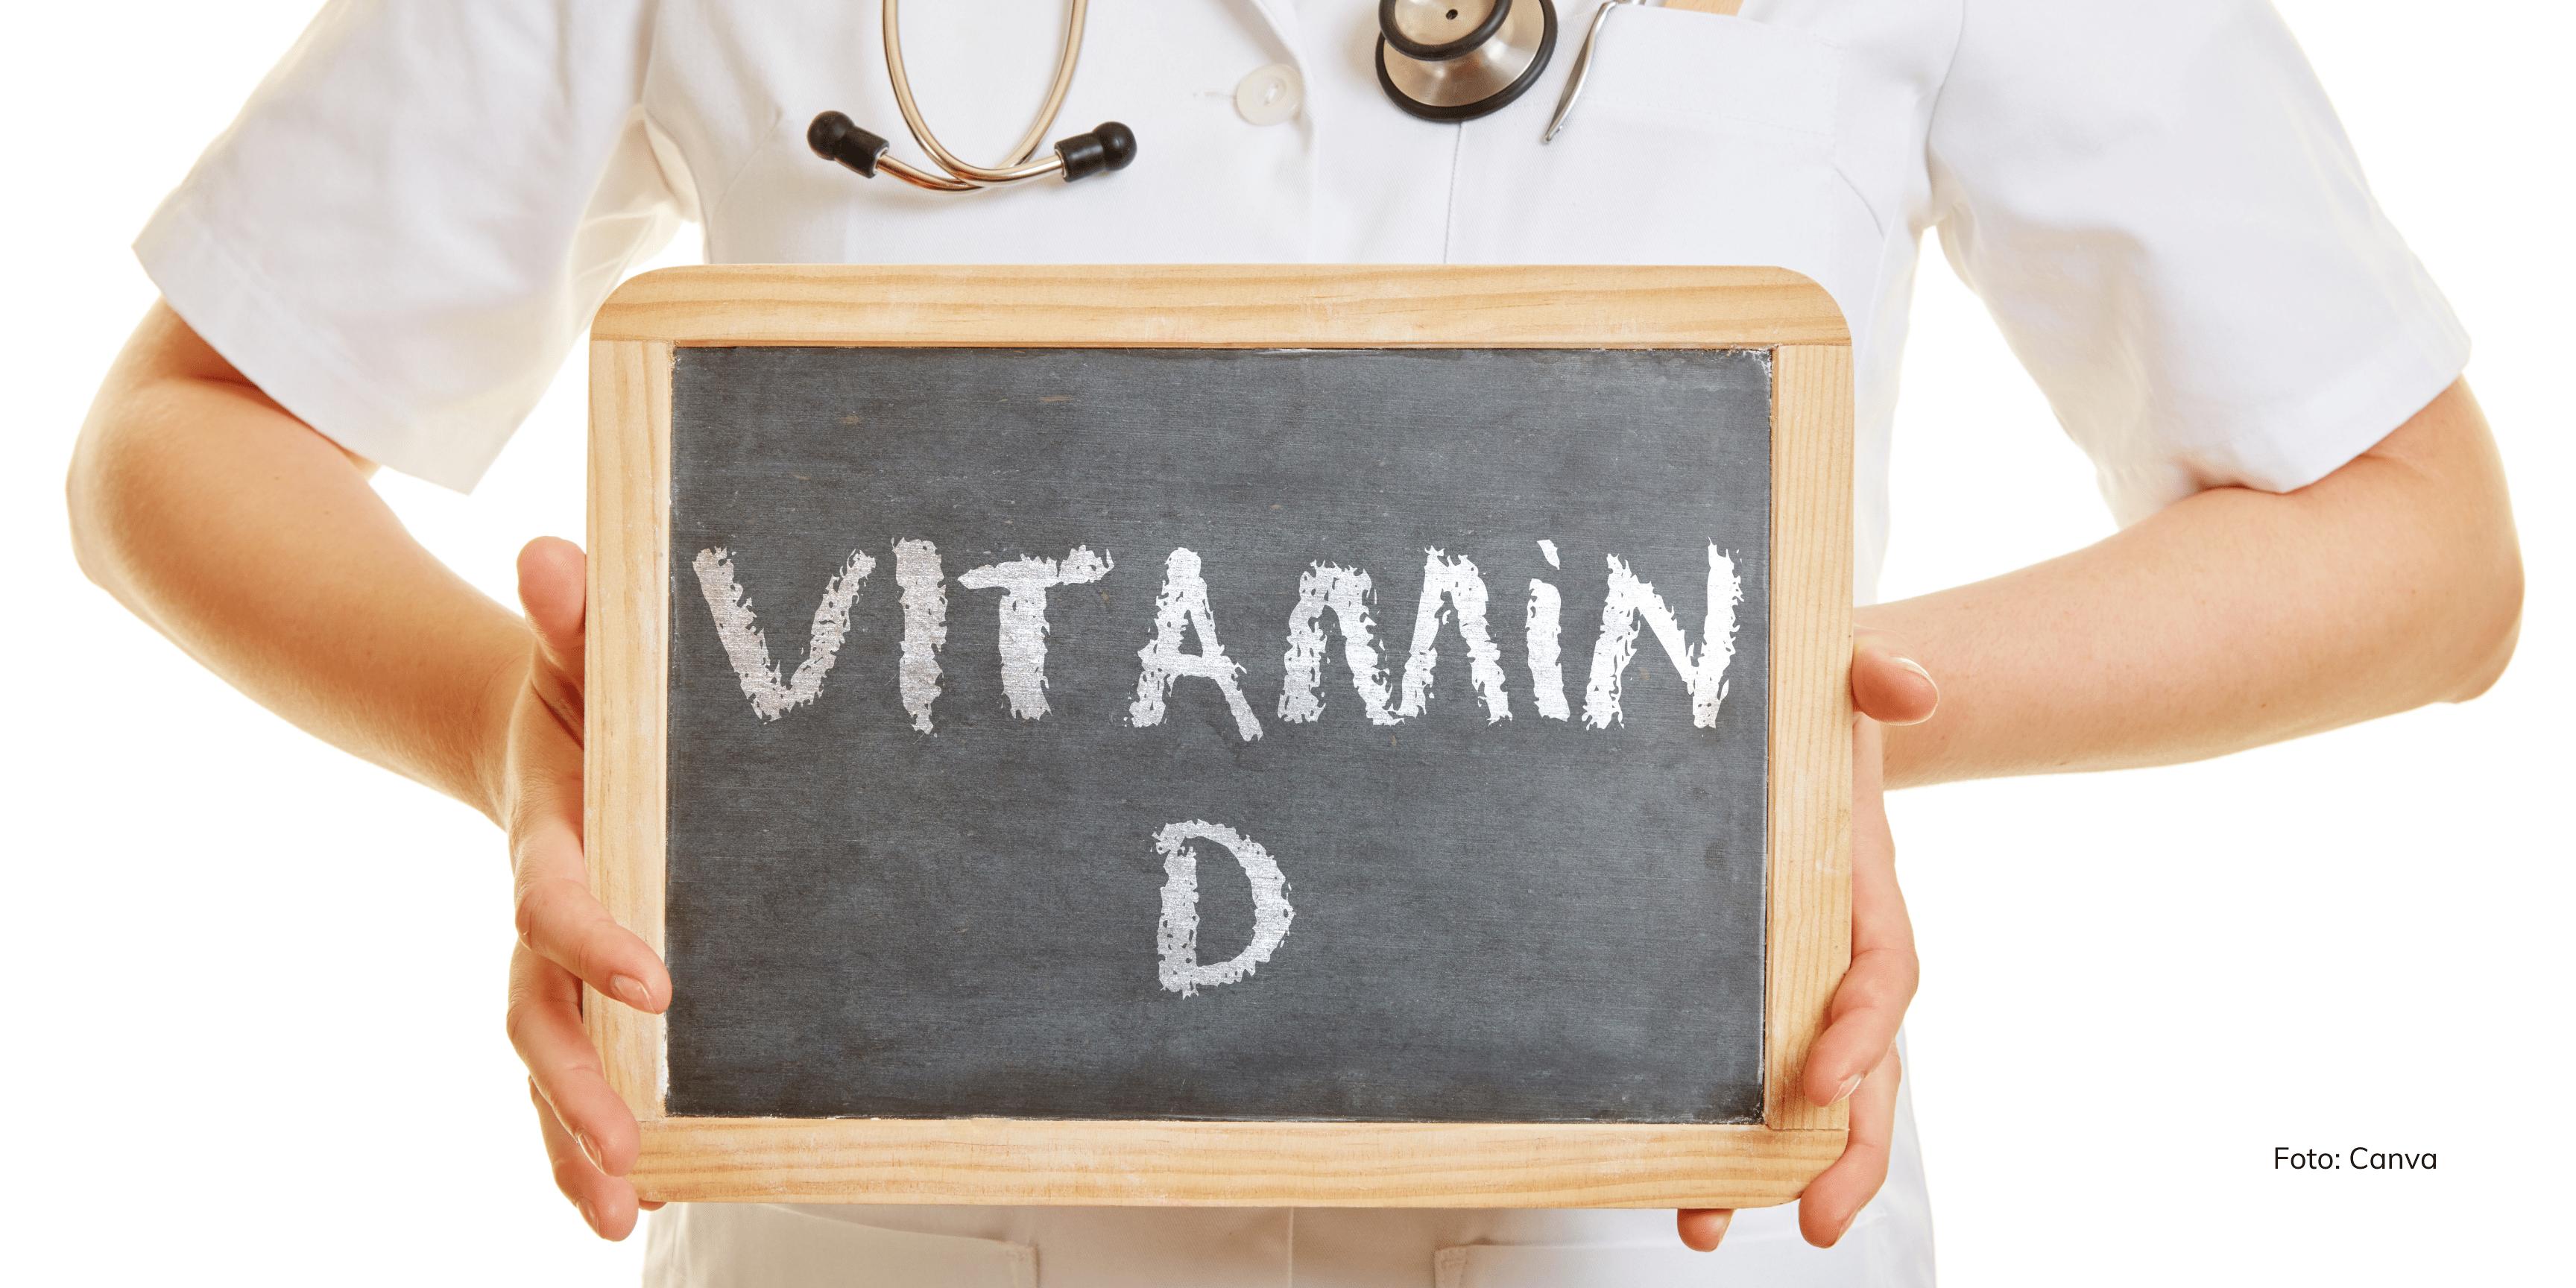 Vitamin D bisa didapat dari makanan bergizi seperti seafood